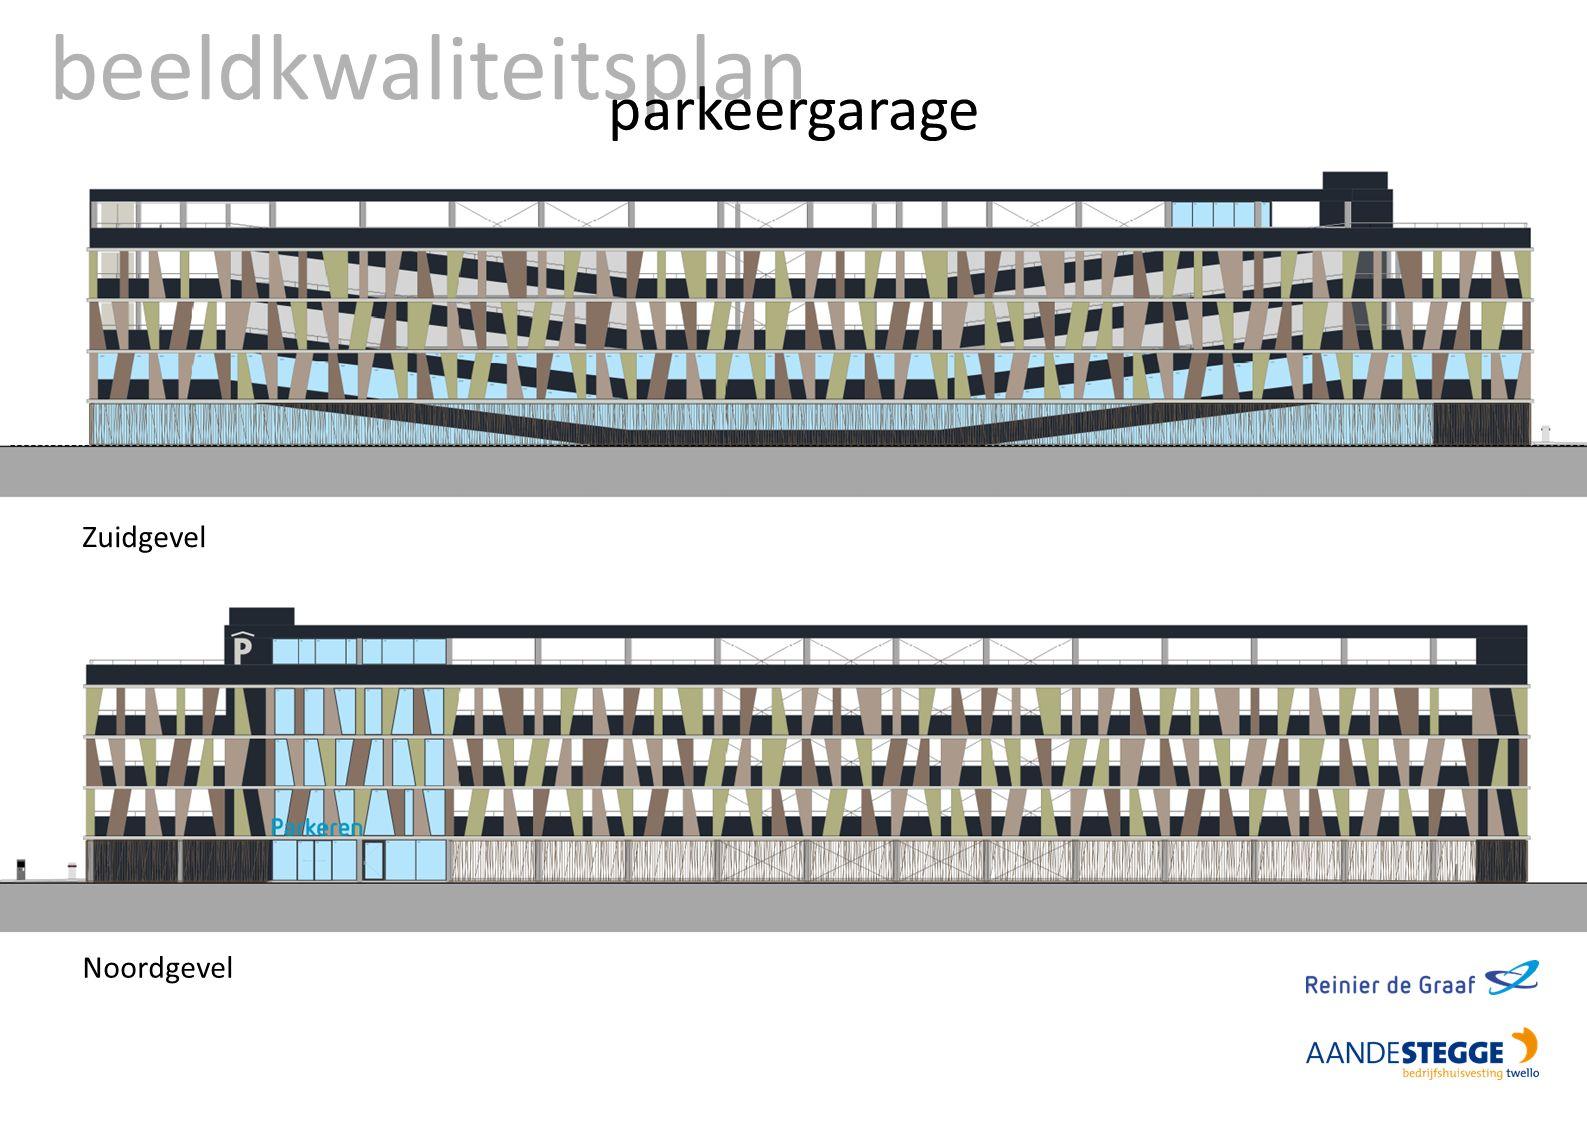 beeldkwaliteitsplan parkeergarage Zuidgevel Noordgevel